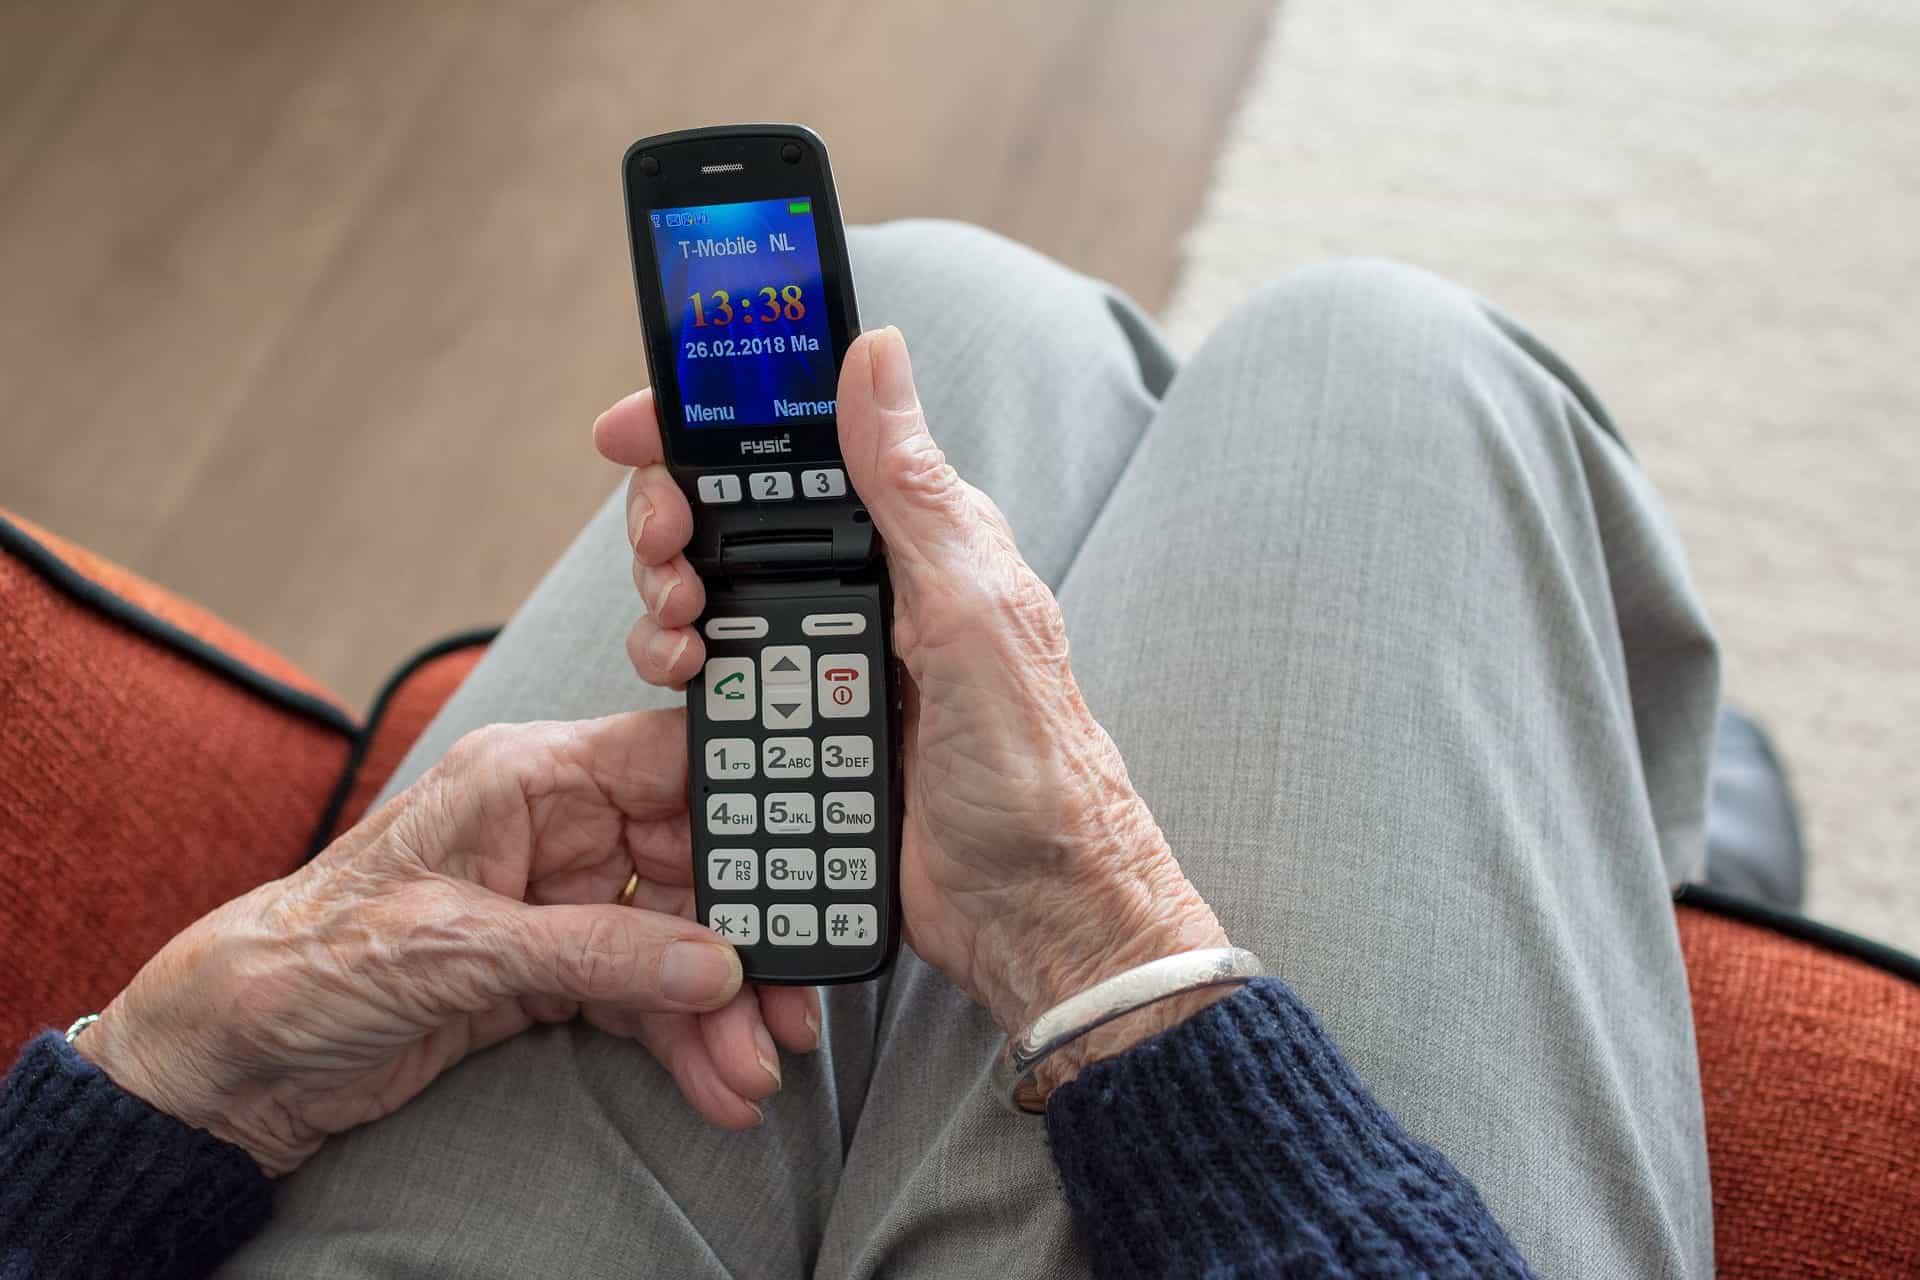 Seniorenhandy: Test & Empfehlungen (01/21)